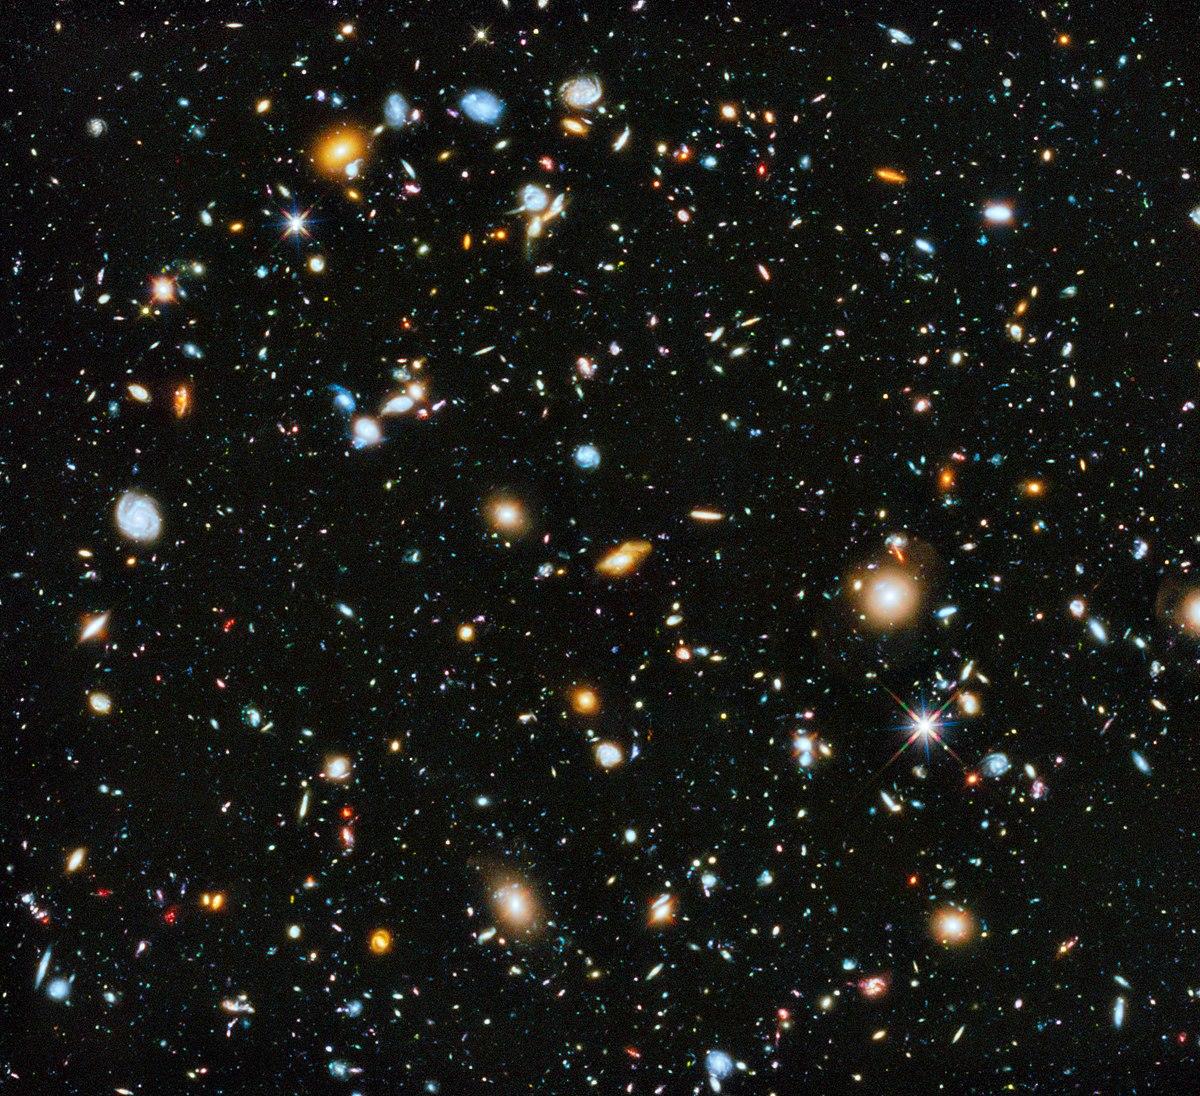 Wiele wskazuje na to, że choć Ziemia nie jest płaska, wszechświat właśnie taki jest